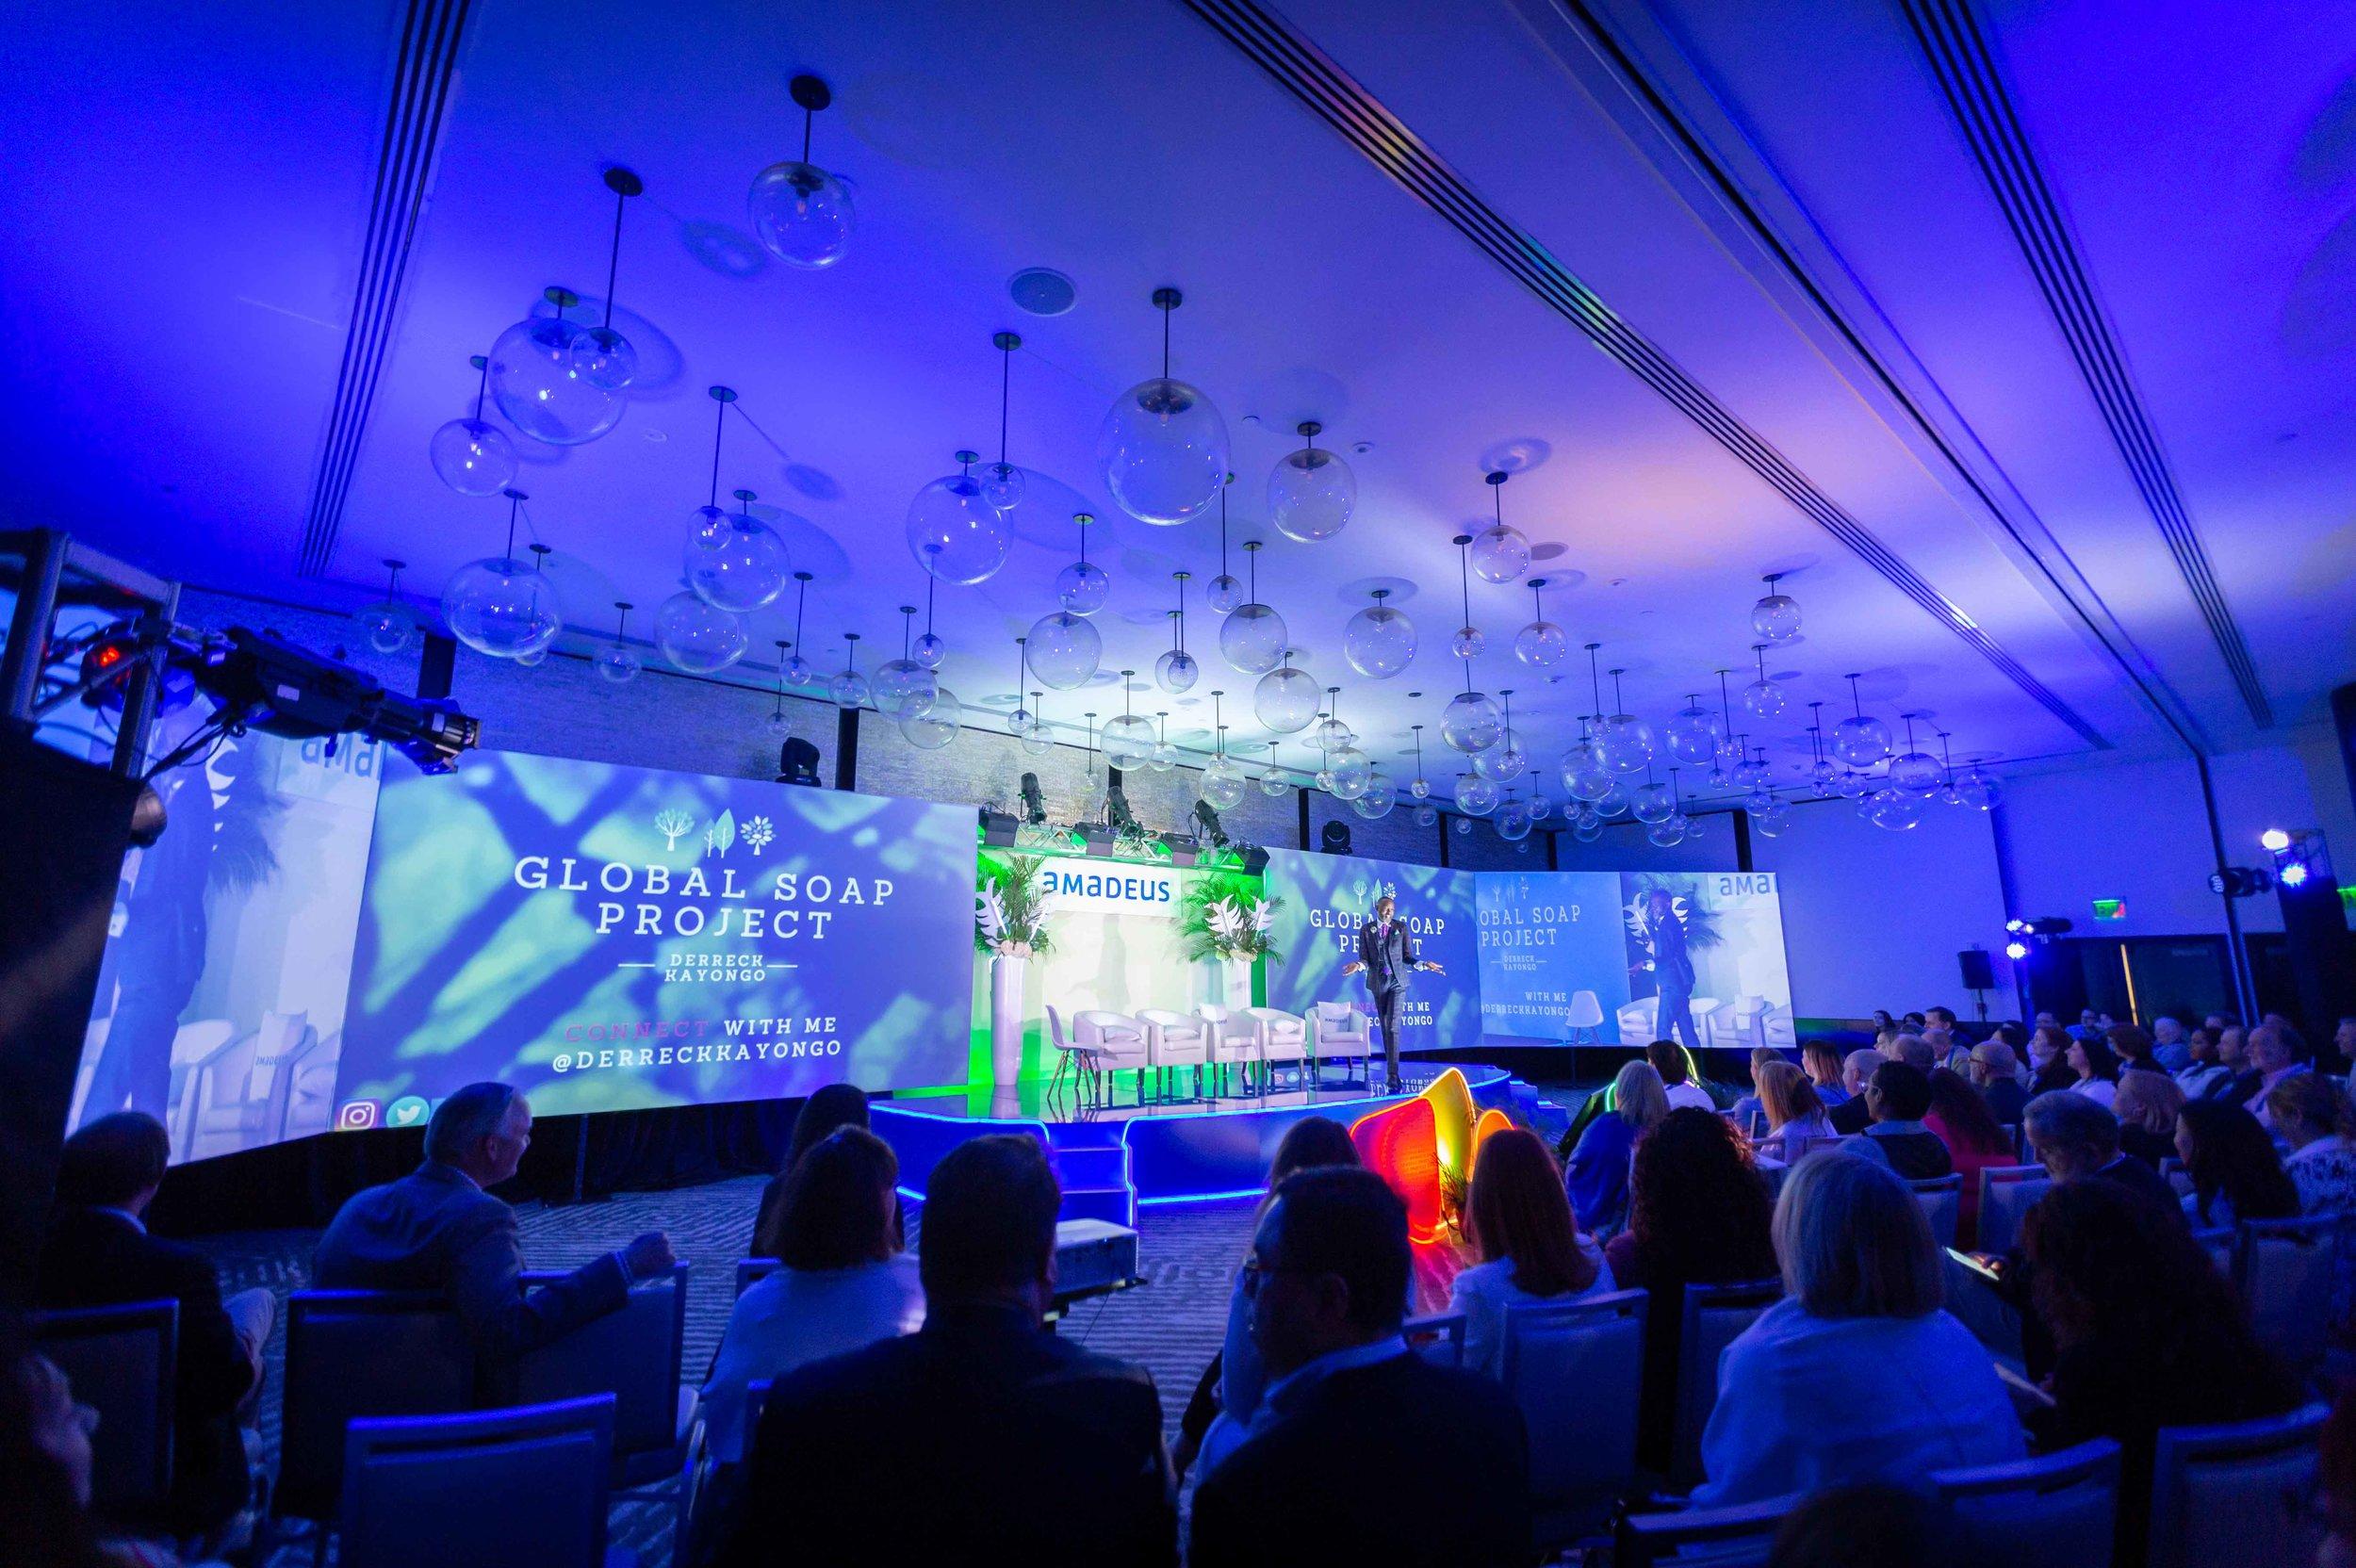 159-malloy-events-miami-conference-by-brianadamsphoto.com.jpg